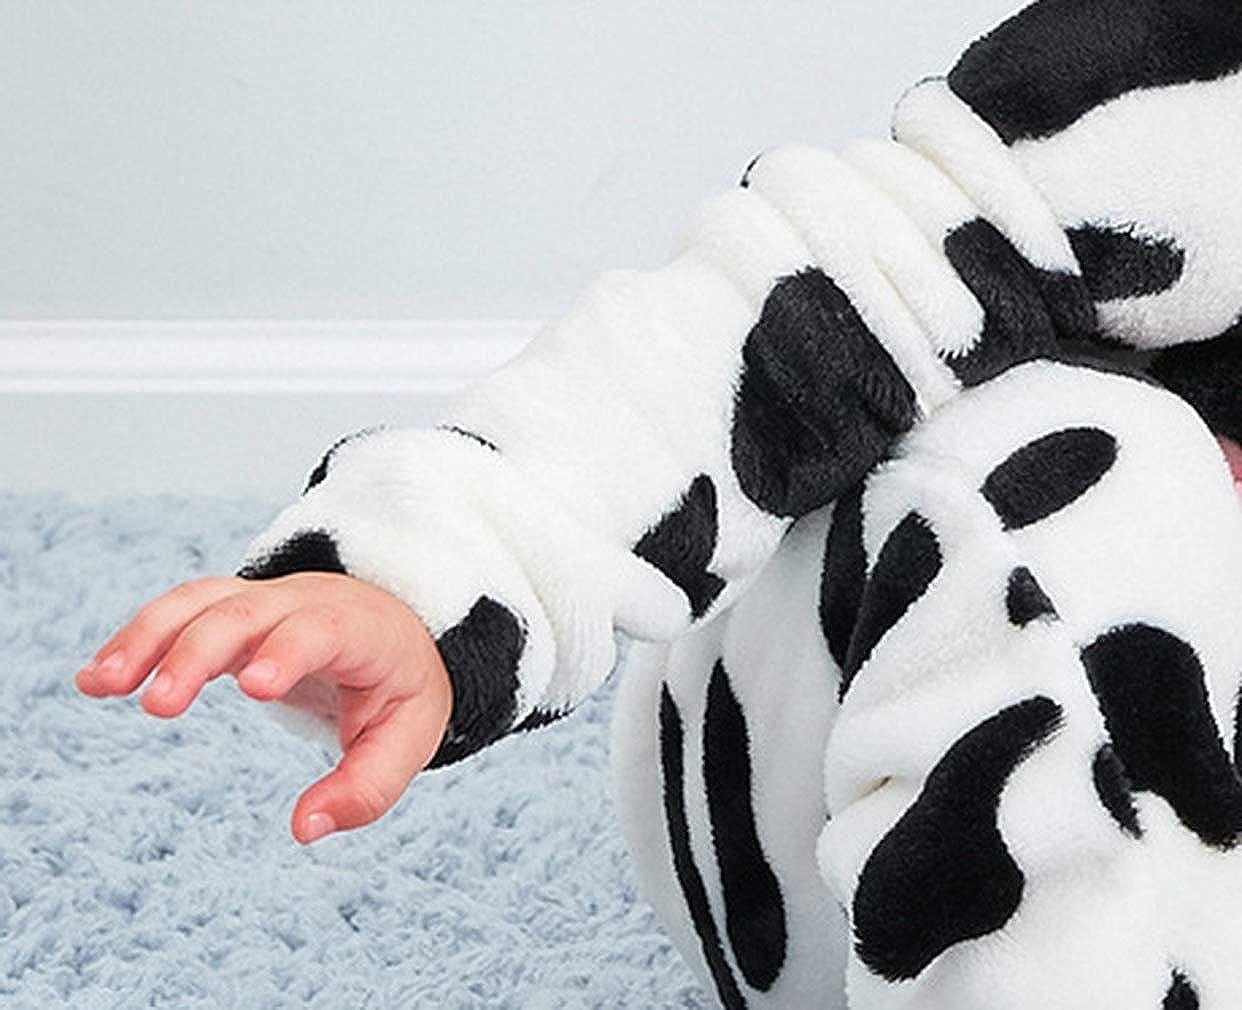 EOZY Pagliaccetto Neonato Unisex Invernale Bimba Tuta con Cappuccio Tutina Fumetto Outfits Pigiama